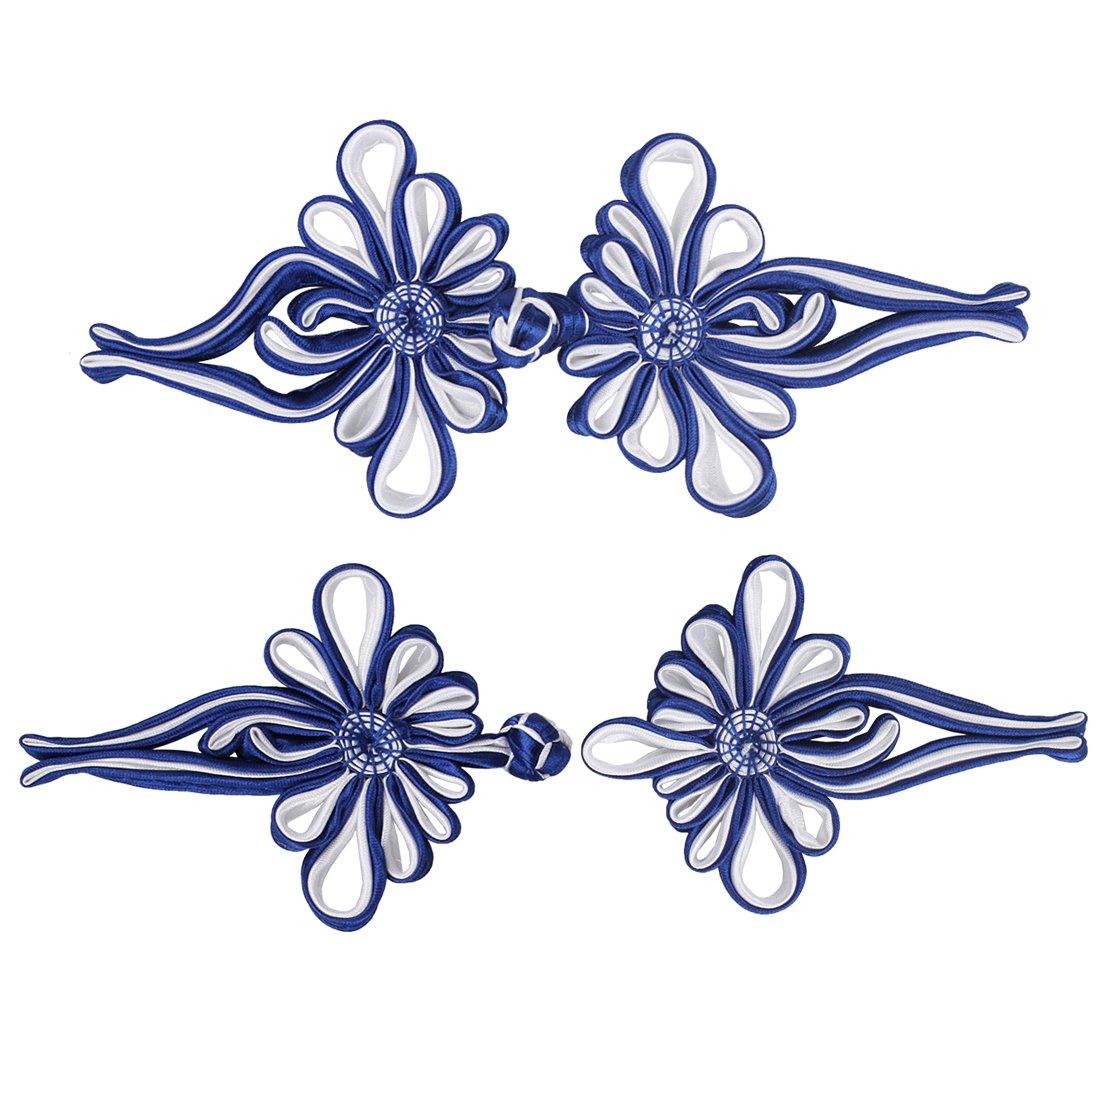 Amazon.de: larcele 2 Paar chinesische Muster Knoten Verschluss ...